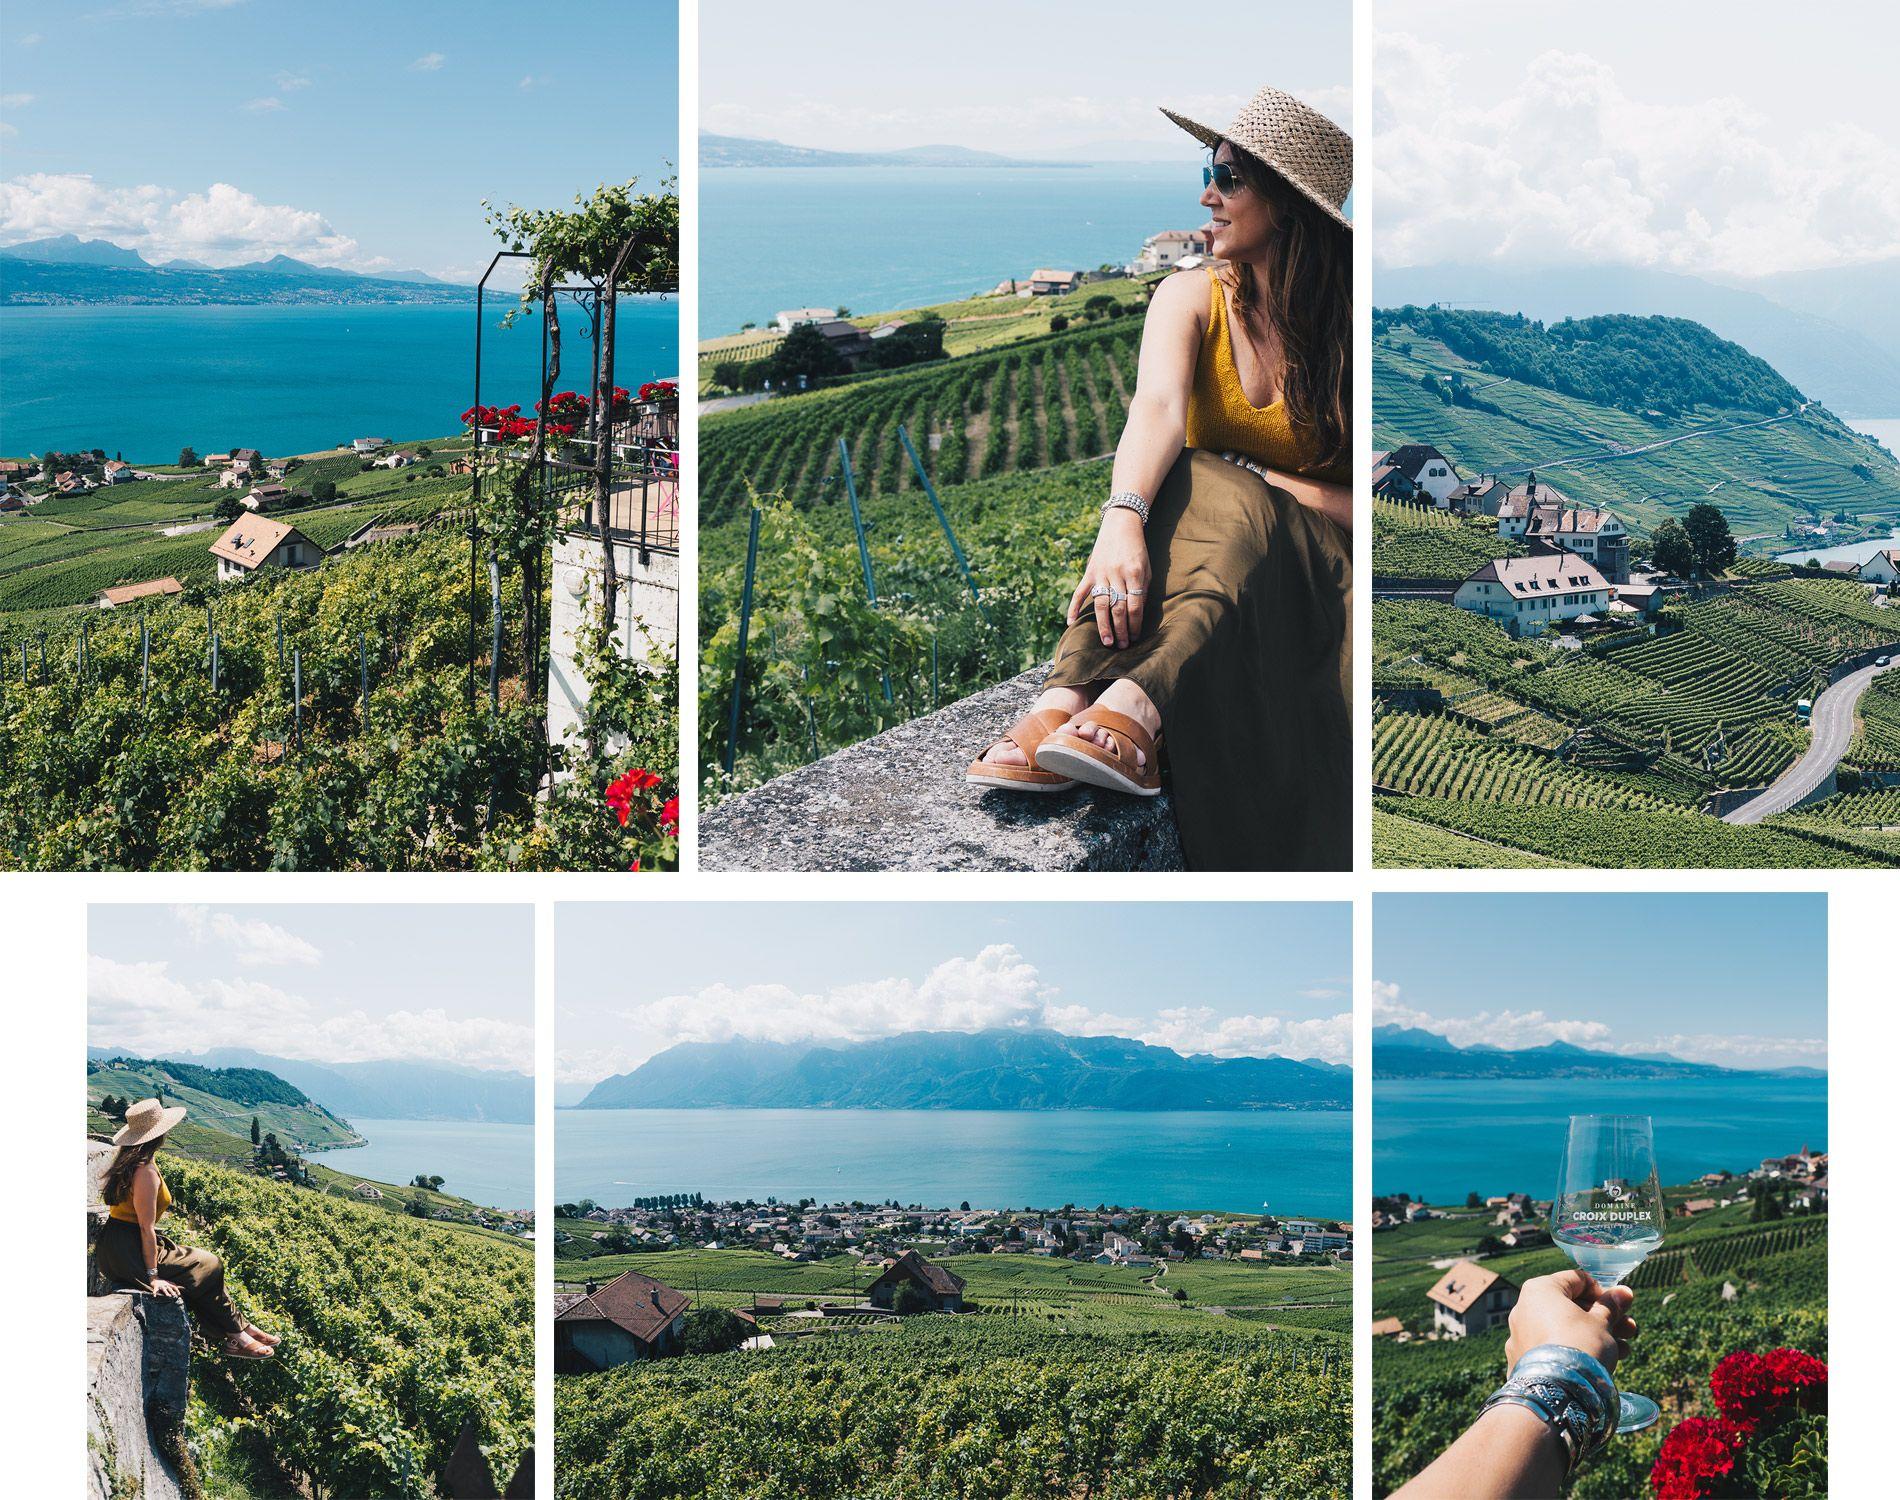 Suisse | Lausanne | Vignoble de lavaux | Mademoiselle-voyage | conseils